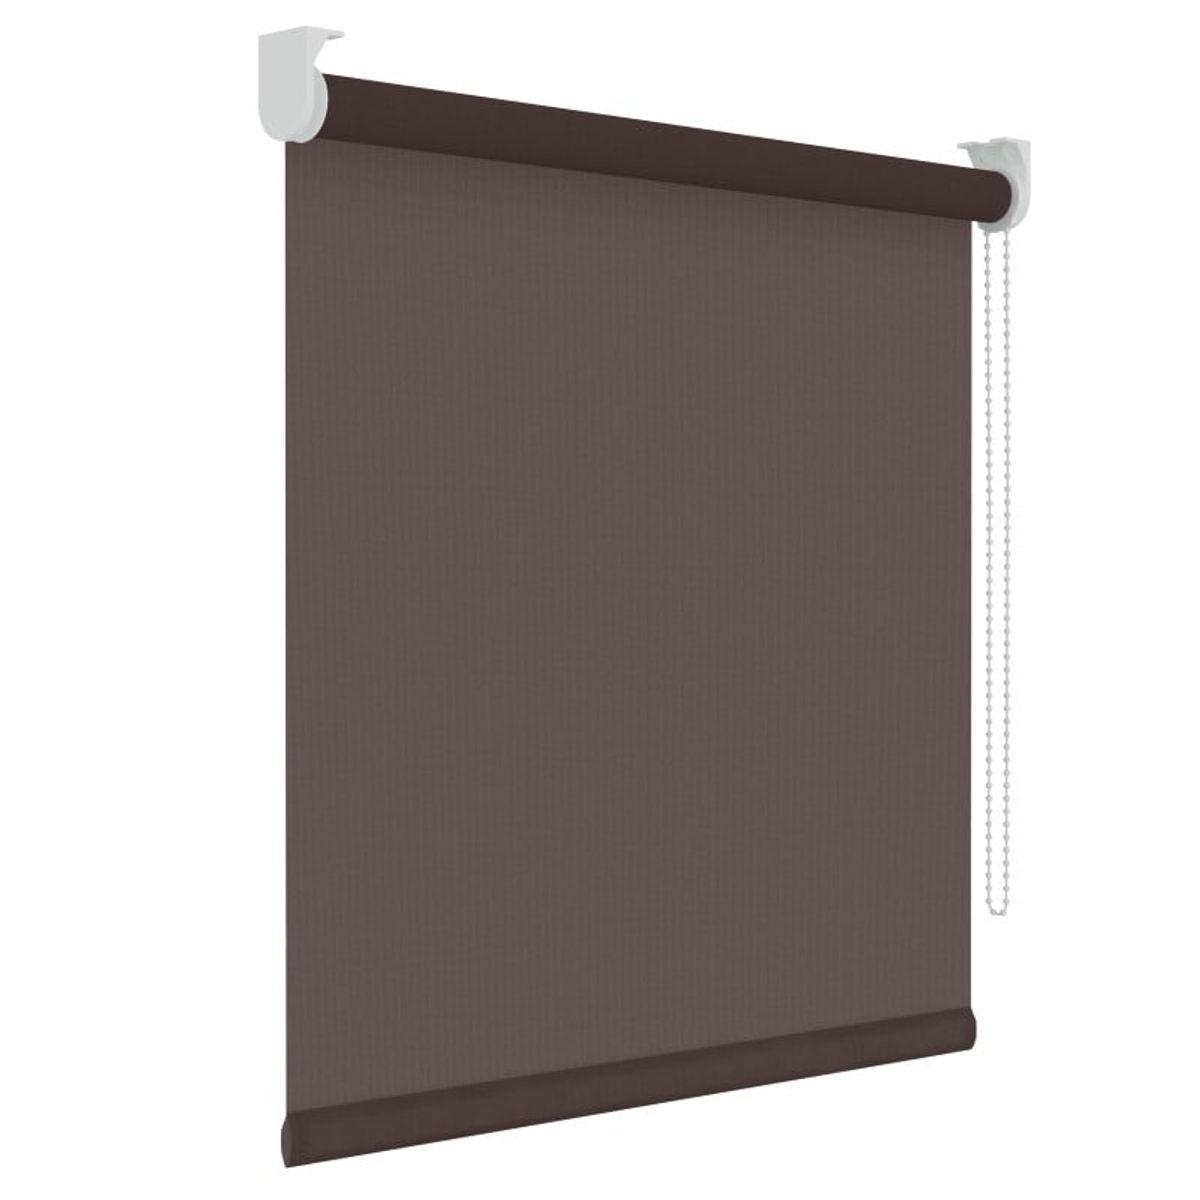 Rolgordijn - Lichtdoorlatend - Chocoladebruin - 120cm x 190cm